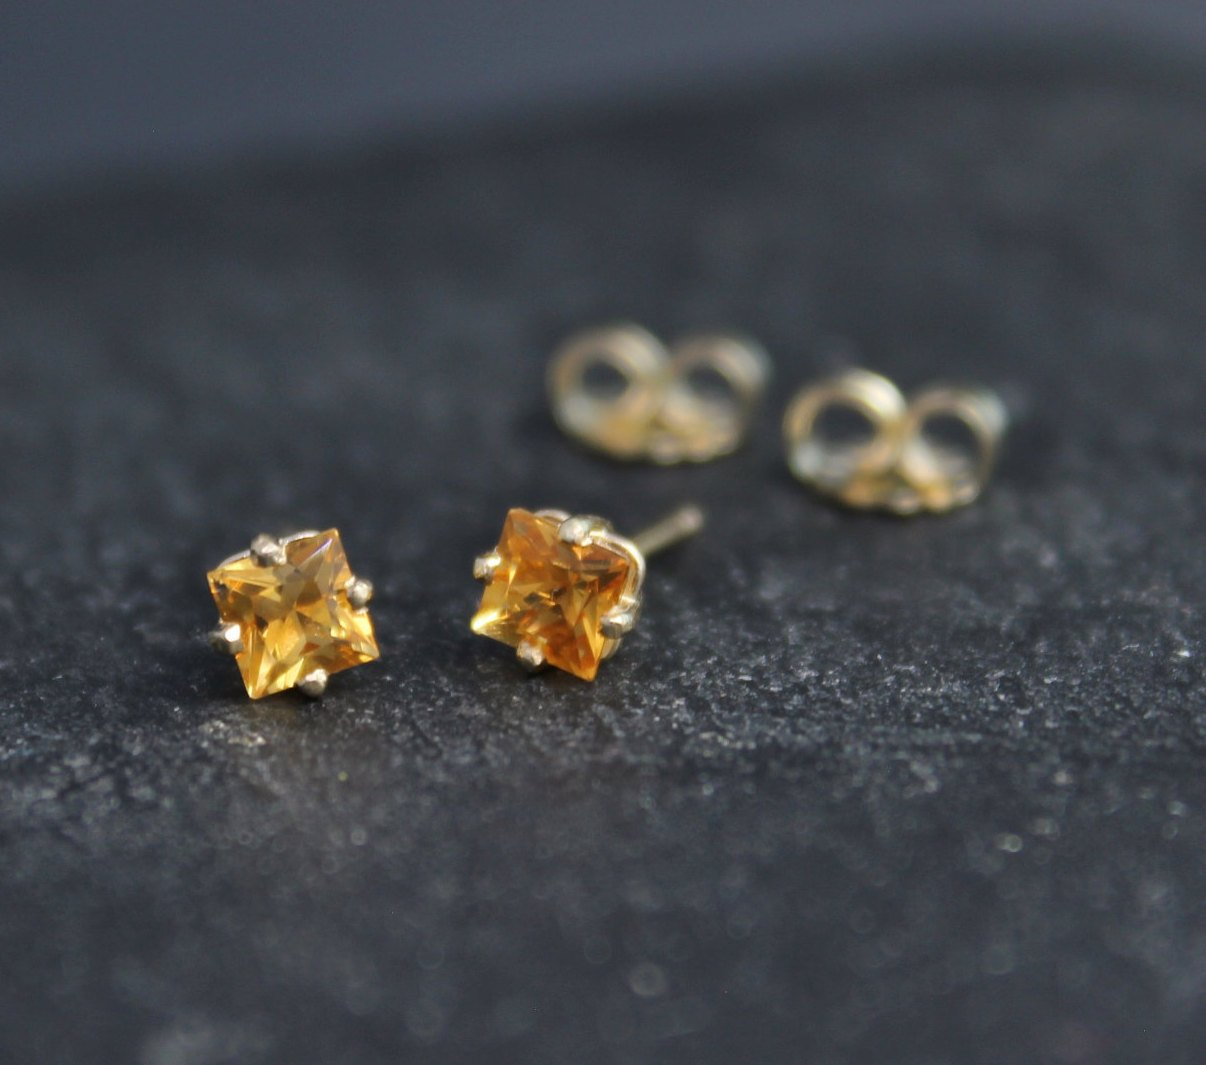 Gift For Her 14K White Gold Citrine Earrings November Birthstone Cushion Cut Golden Citrine Gemstone Stud Earrings 6x6mm Square